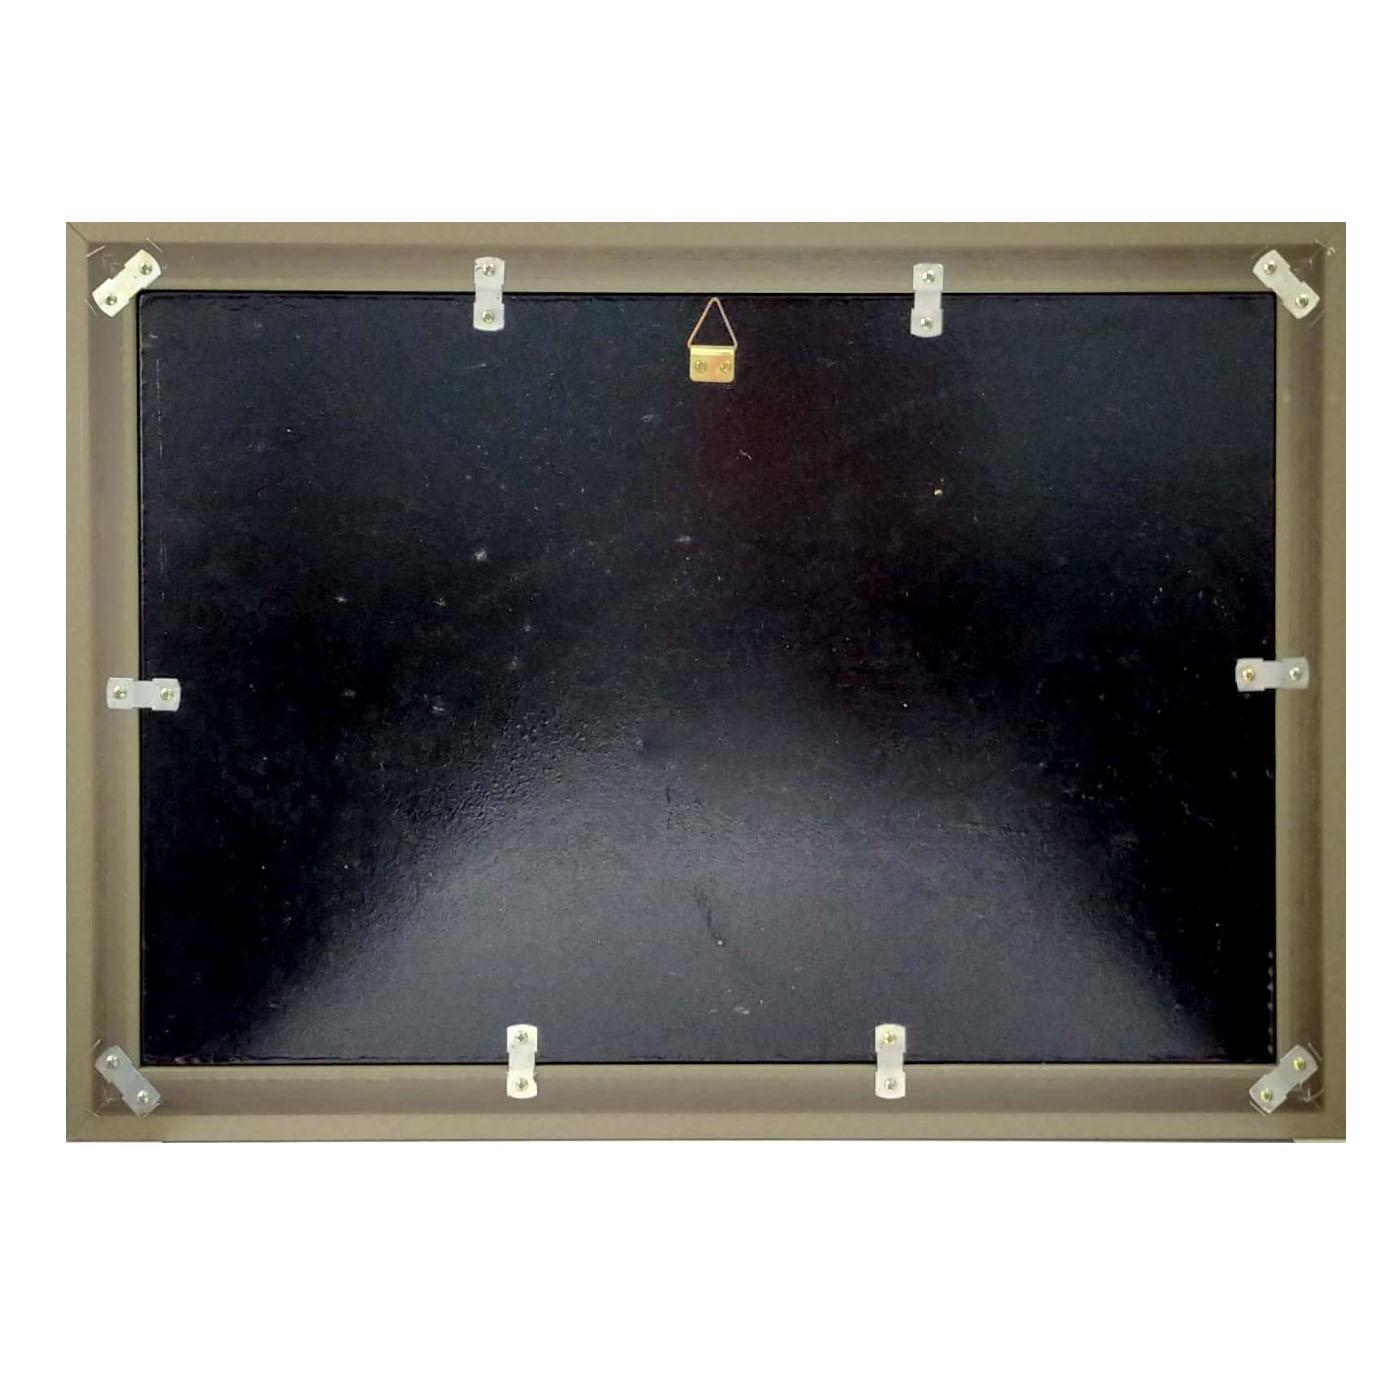 Tranh sơn mài tranh phong thủy mã đáo thành công SM00004 60x40cm